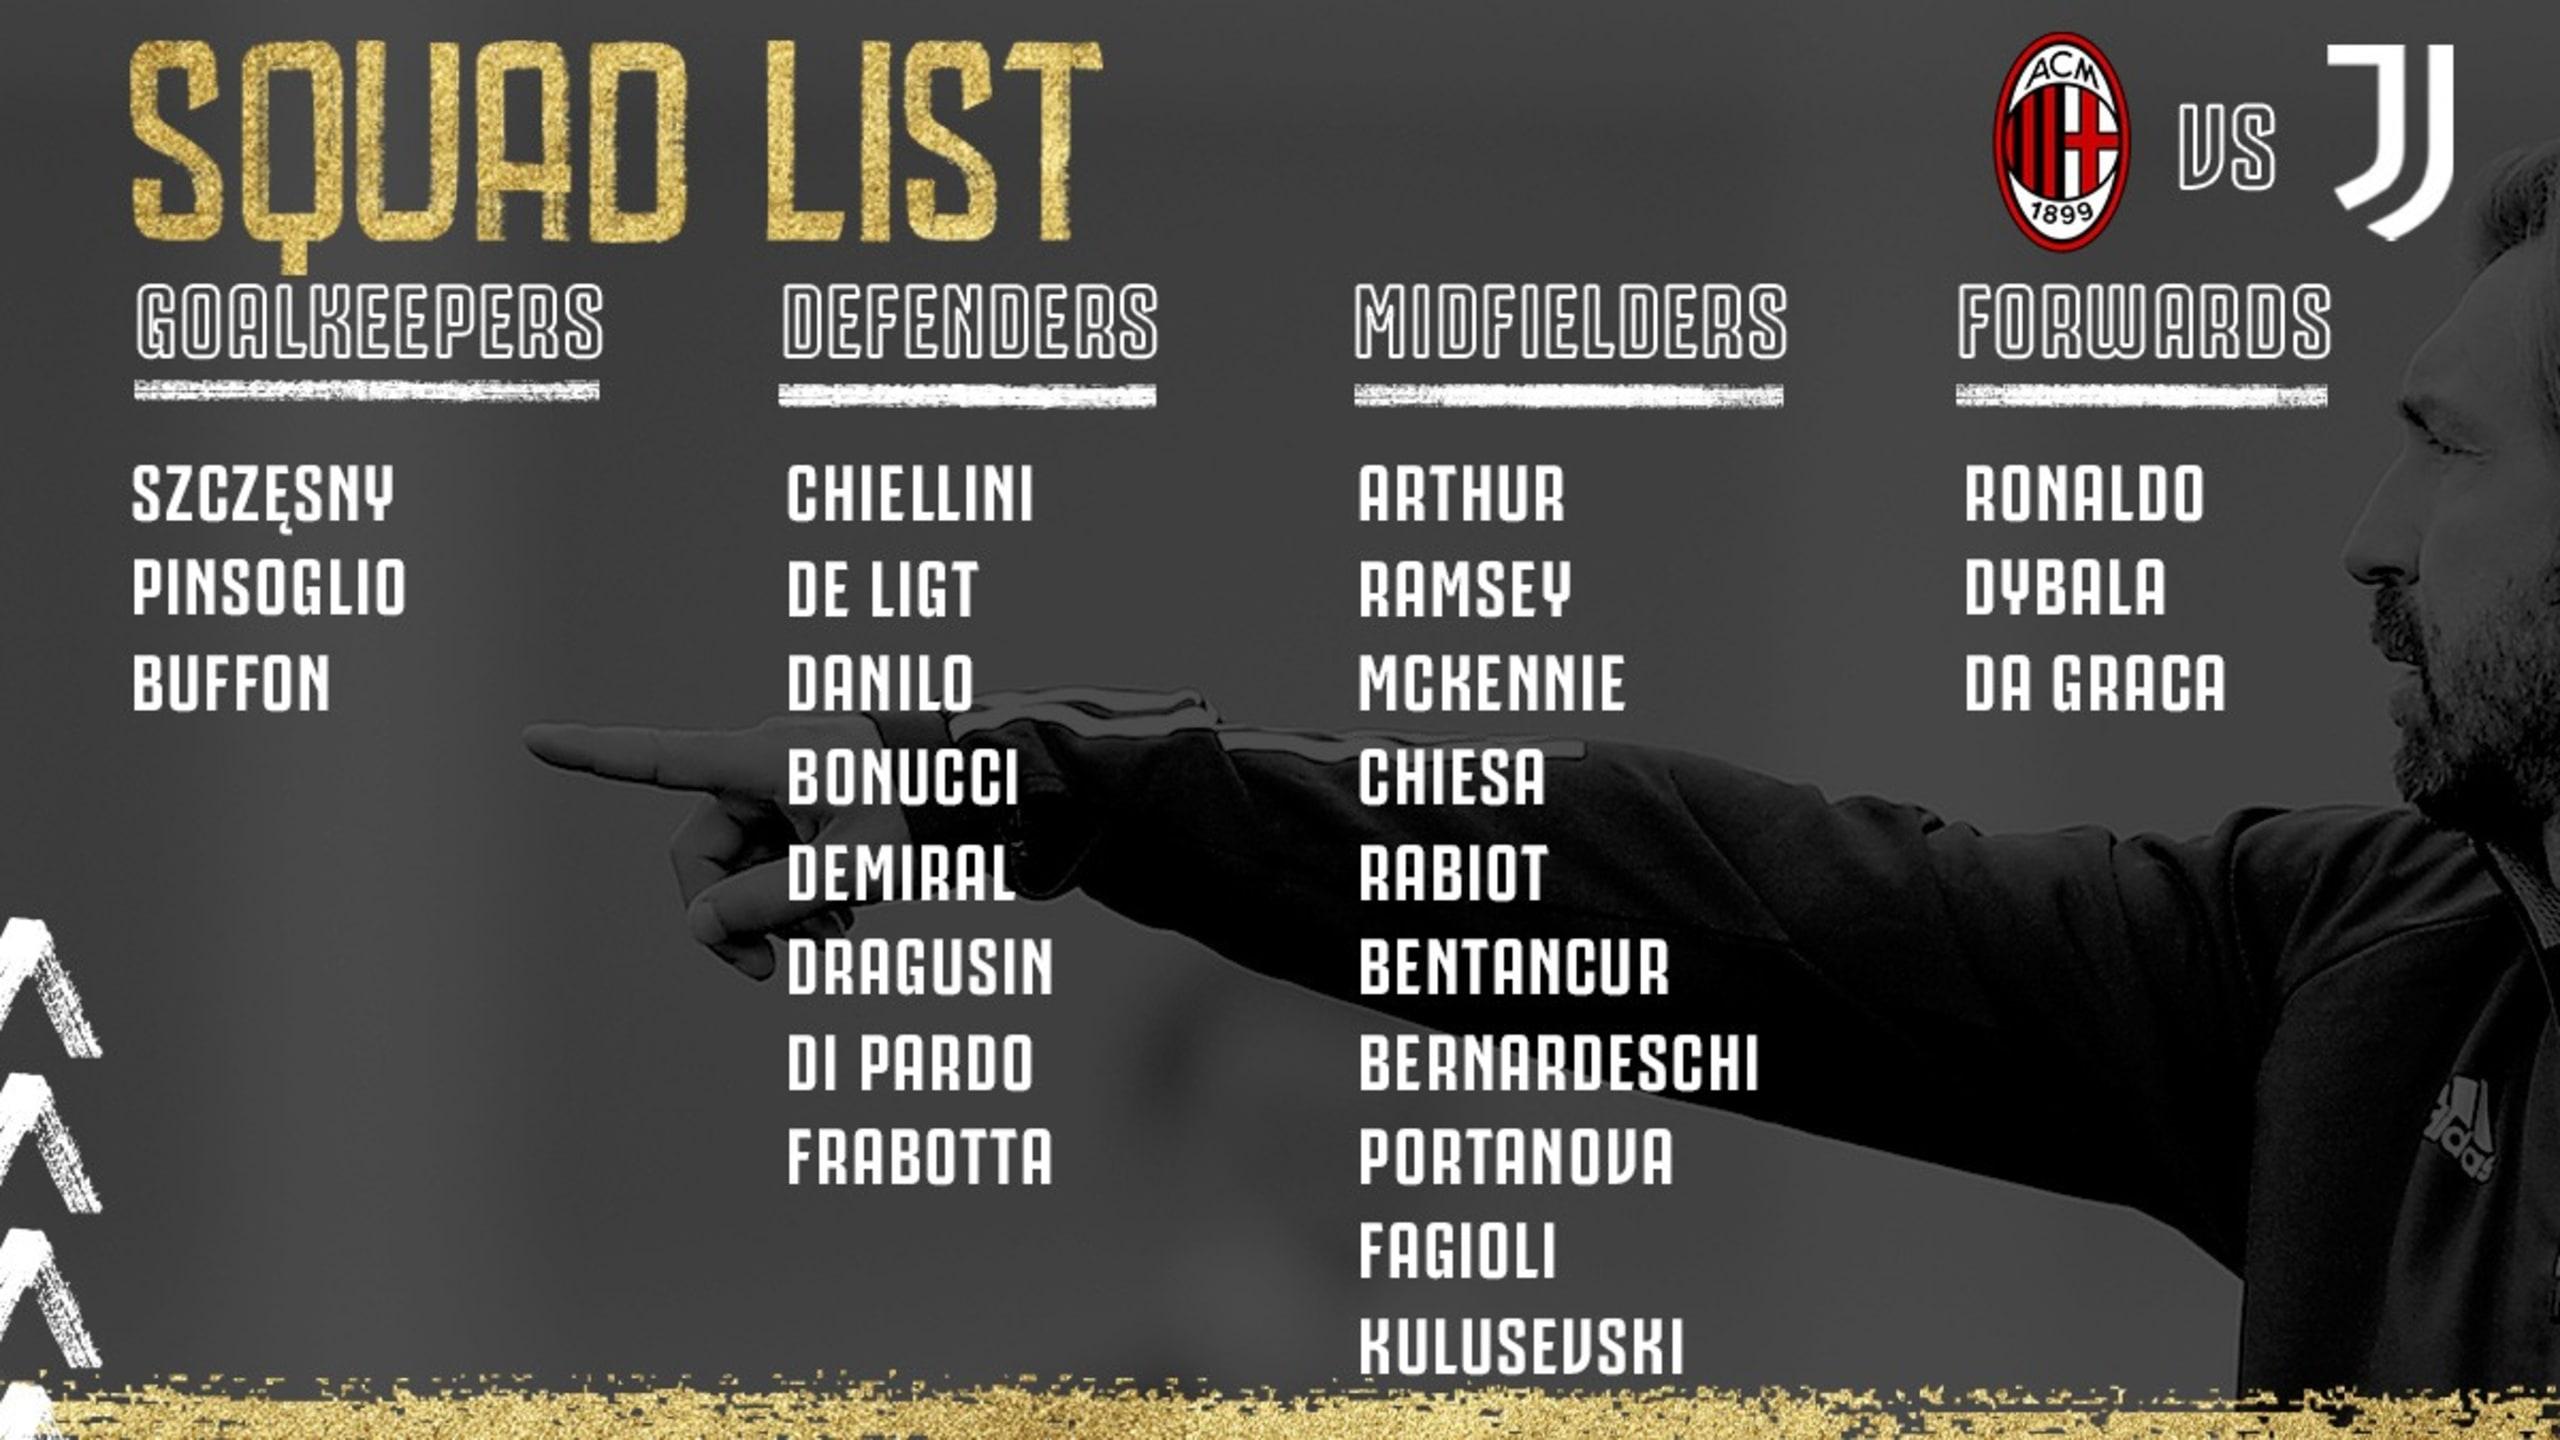 لیست بازیکنان برای بازی با میلان JOFC